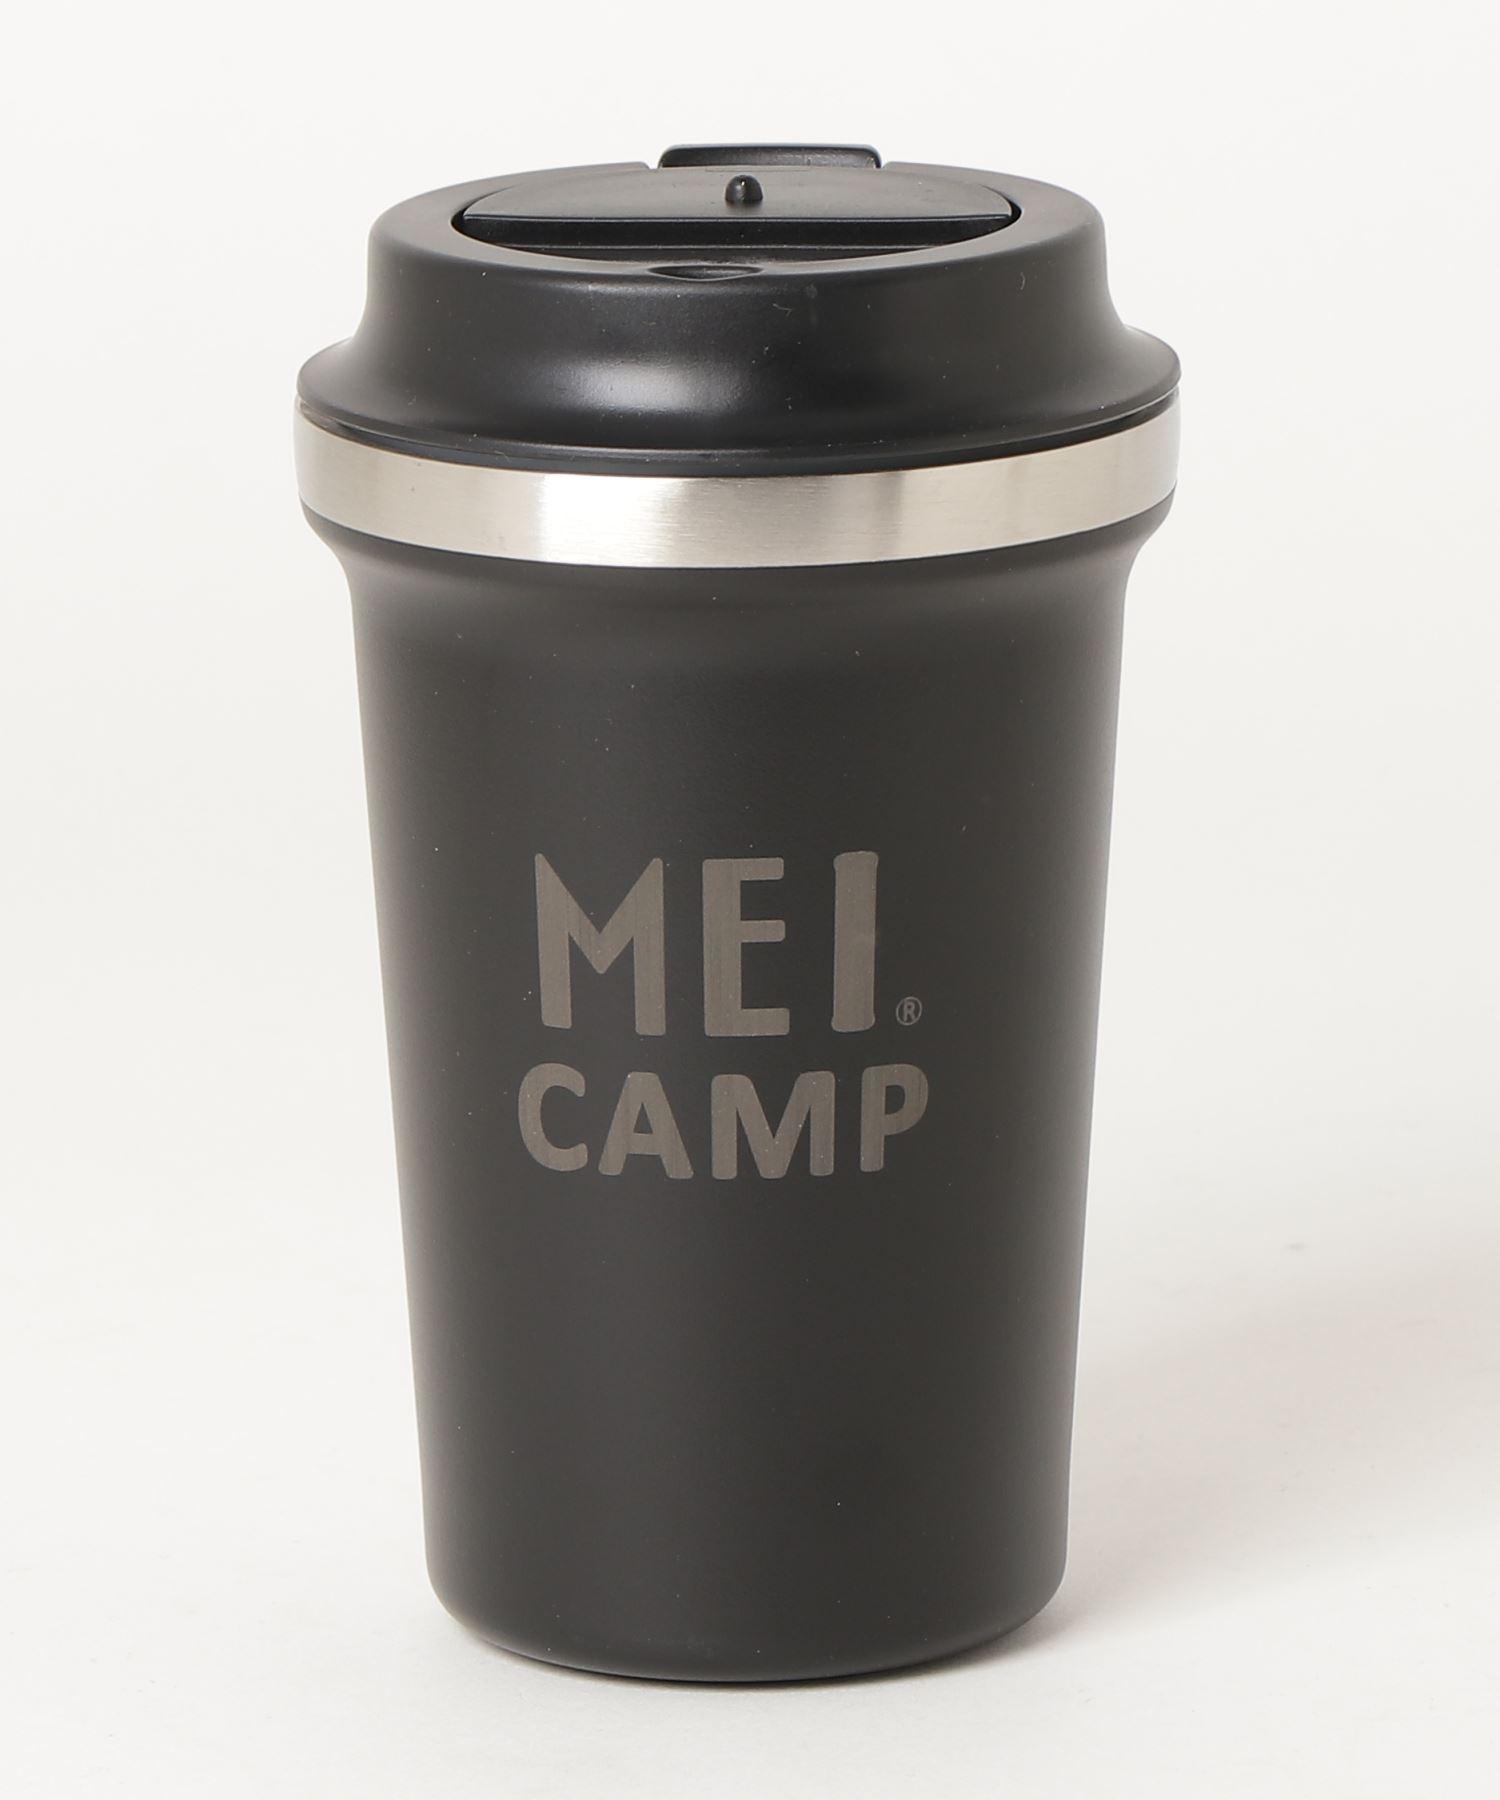 【 MEI CAMP / メイキャンプ 】 コーヒータンブラー 蓋付 ステンレス